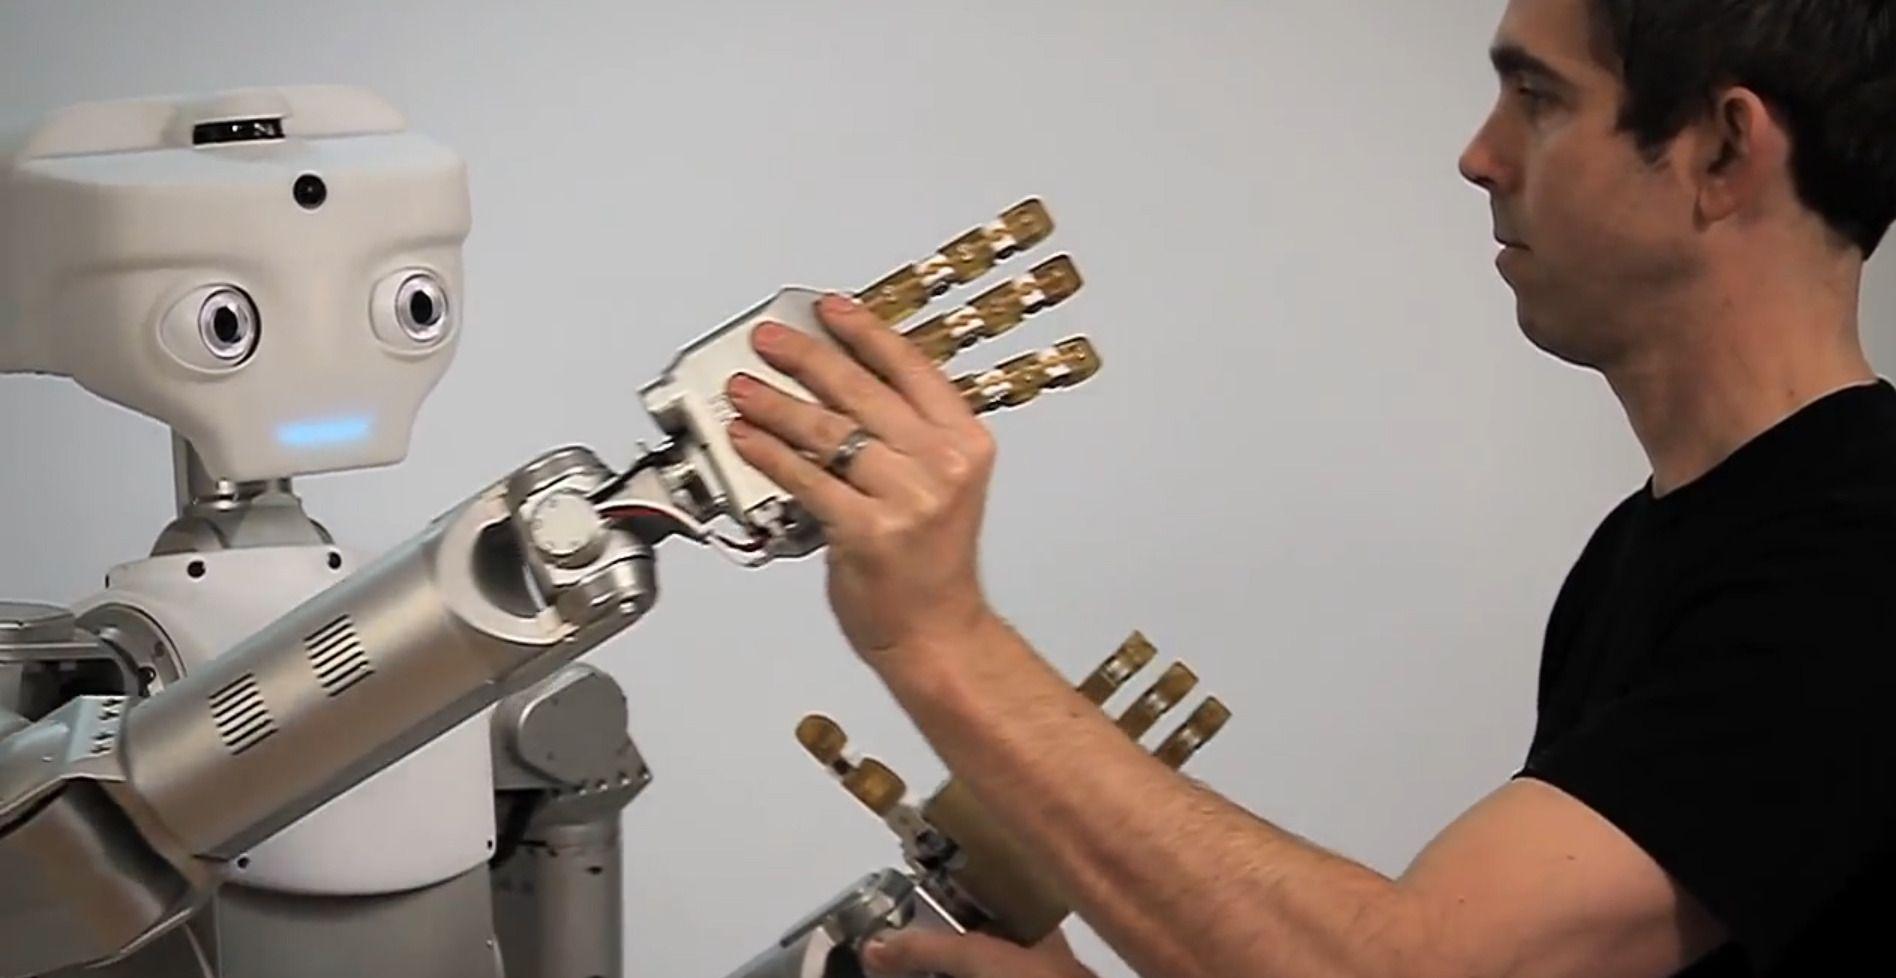 Meka Robotics personlige robot.Foto: Meka Robotics